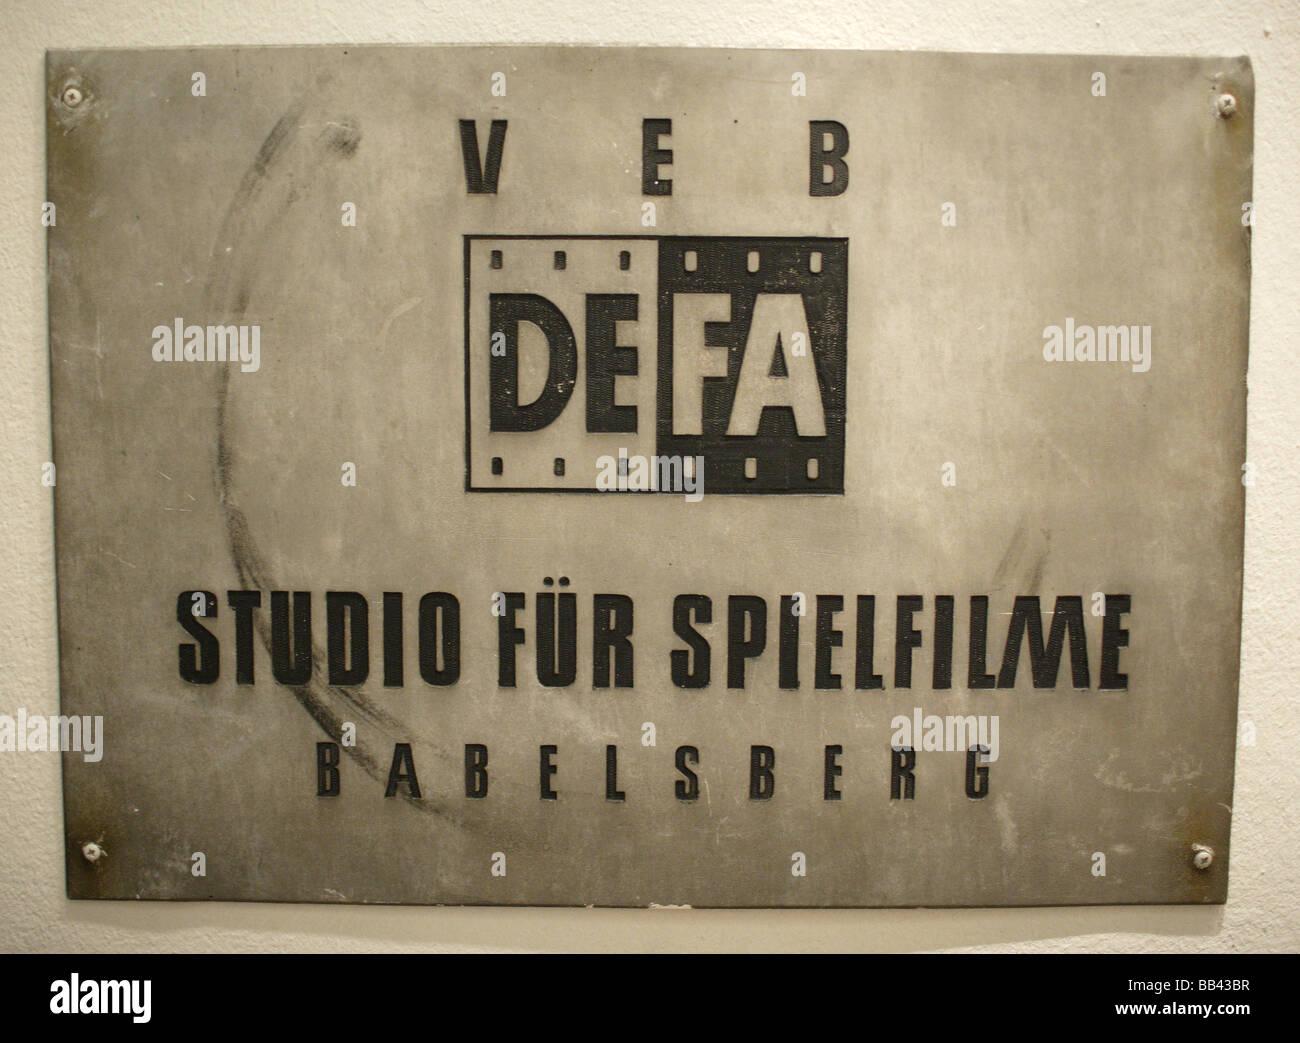 DEFA at Filmmuseum Potsdam - Stock Image